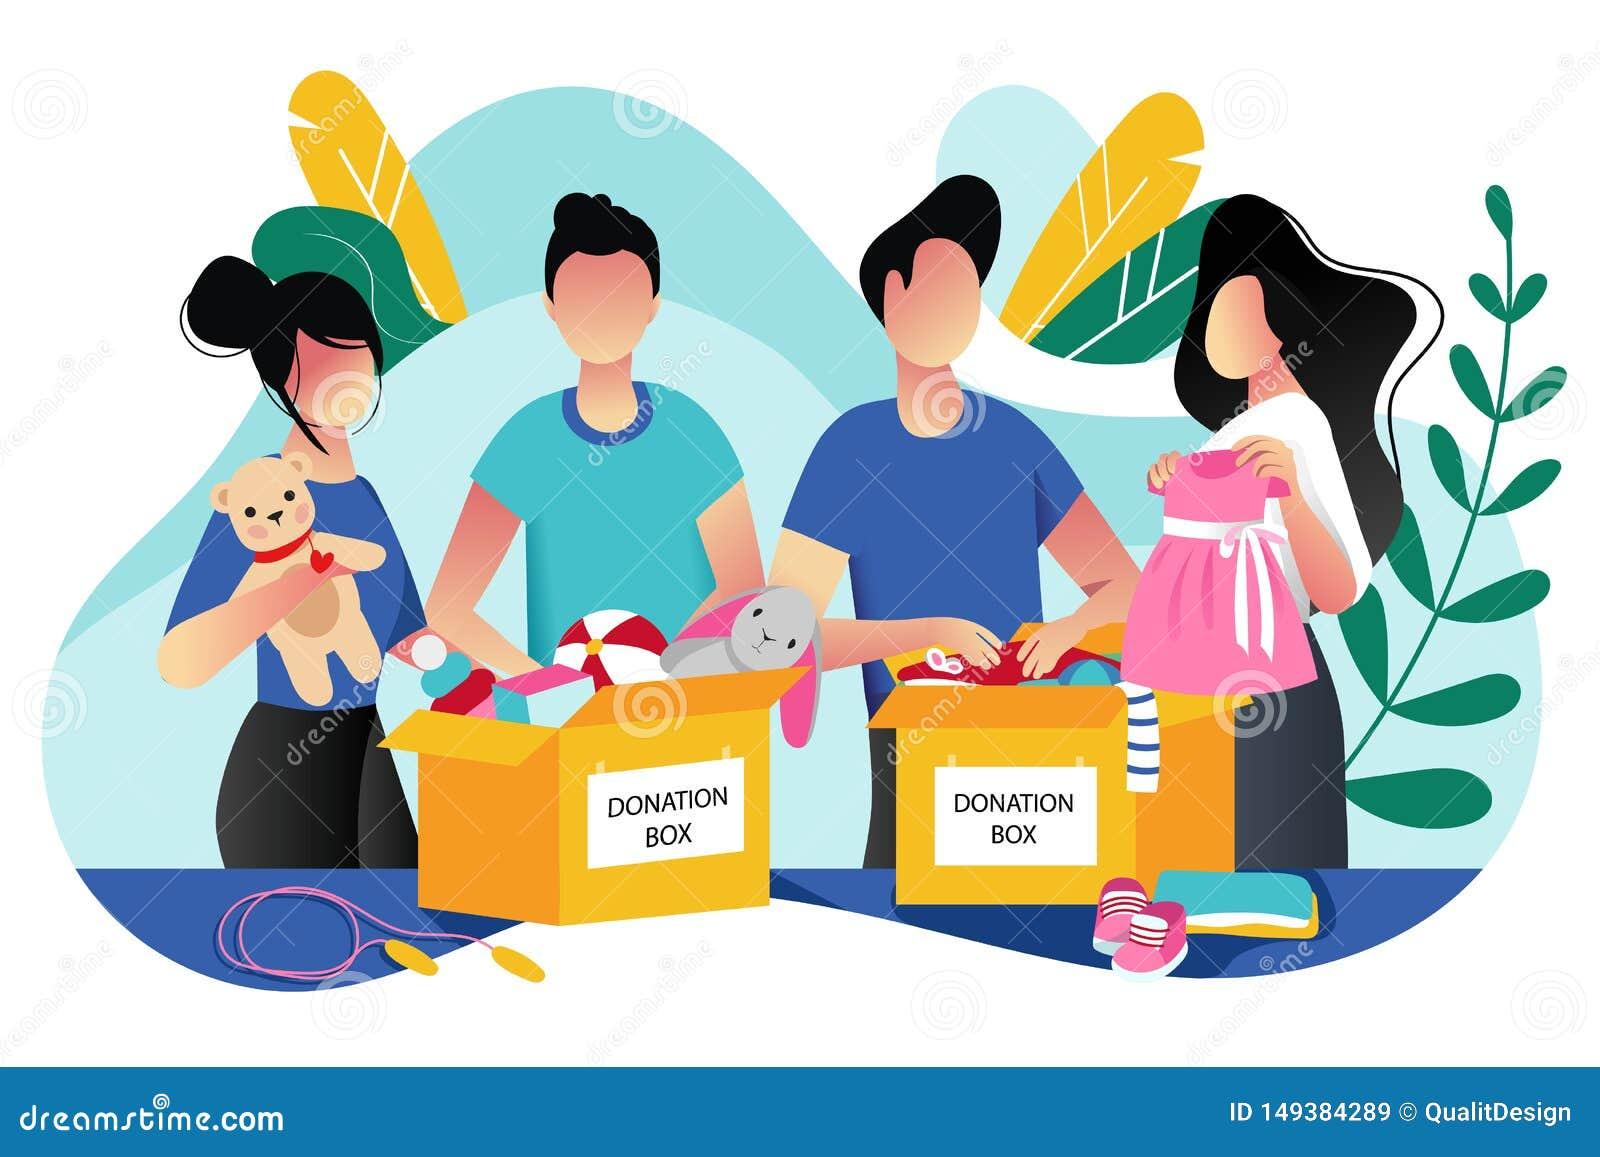 Spielwaren- und Kinderkleidungsspende Modische flache Karikaturillustration des Vektors Sozialsorgfalt-, Freiwillig erbieten und